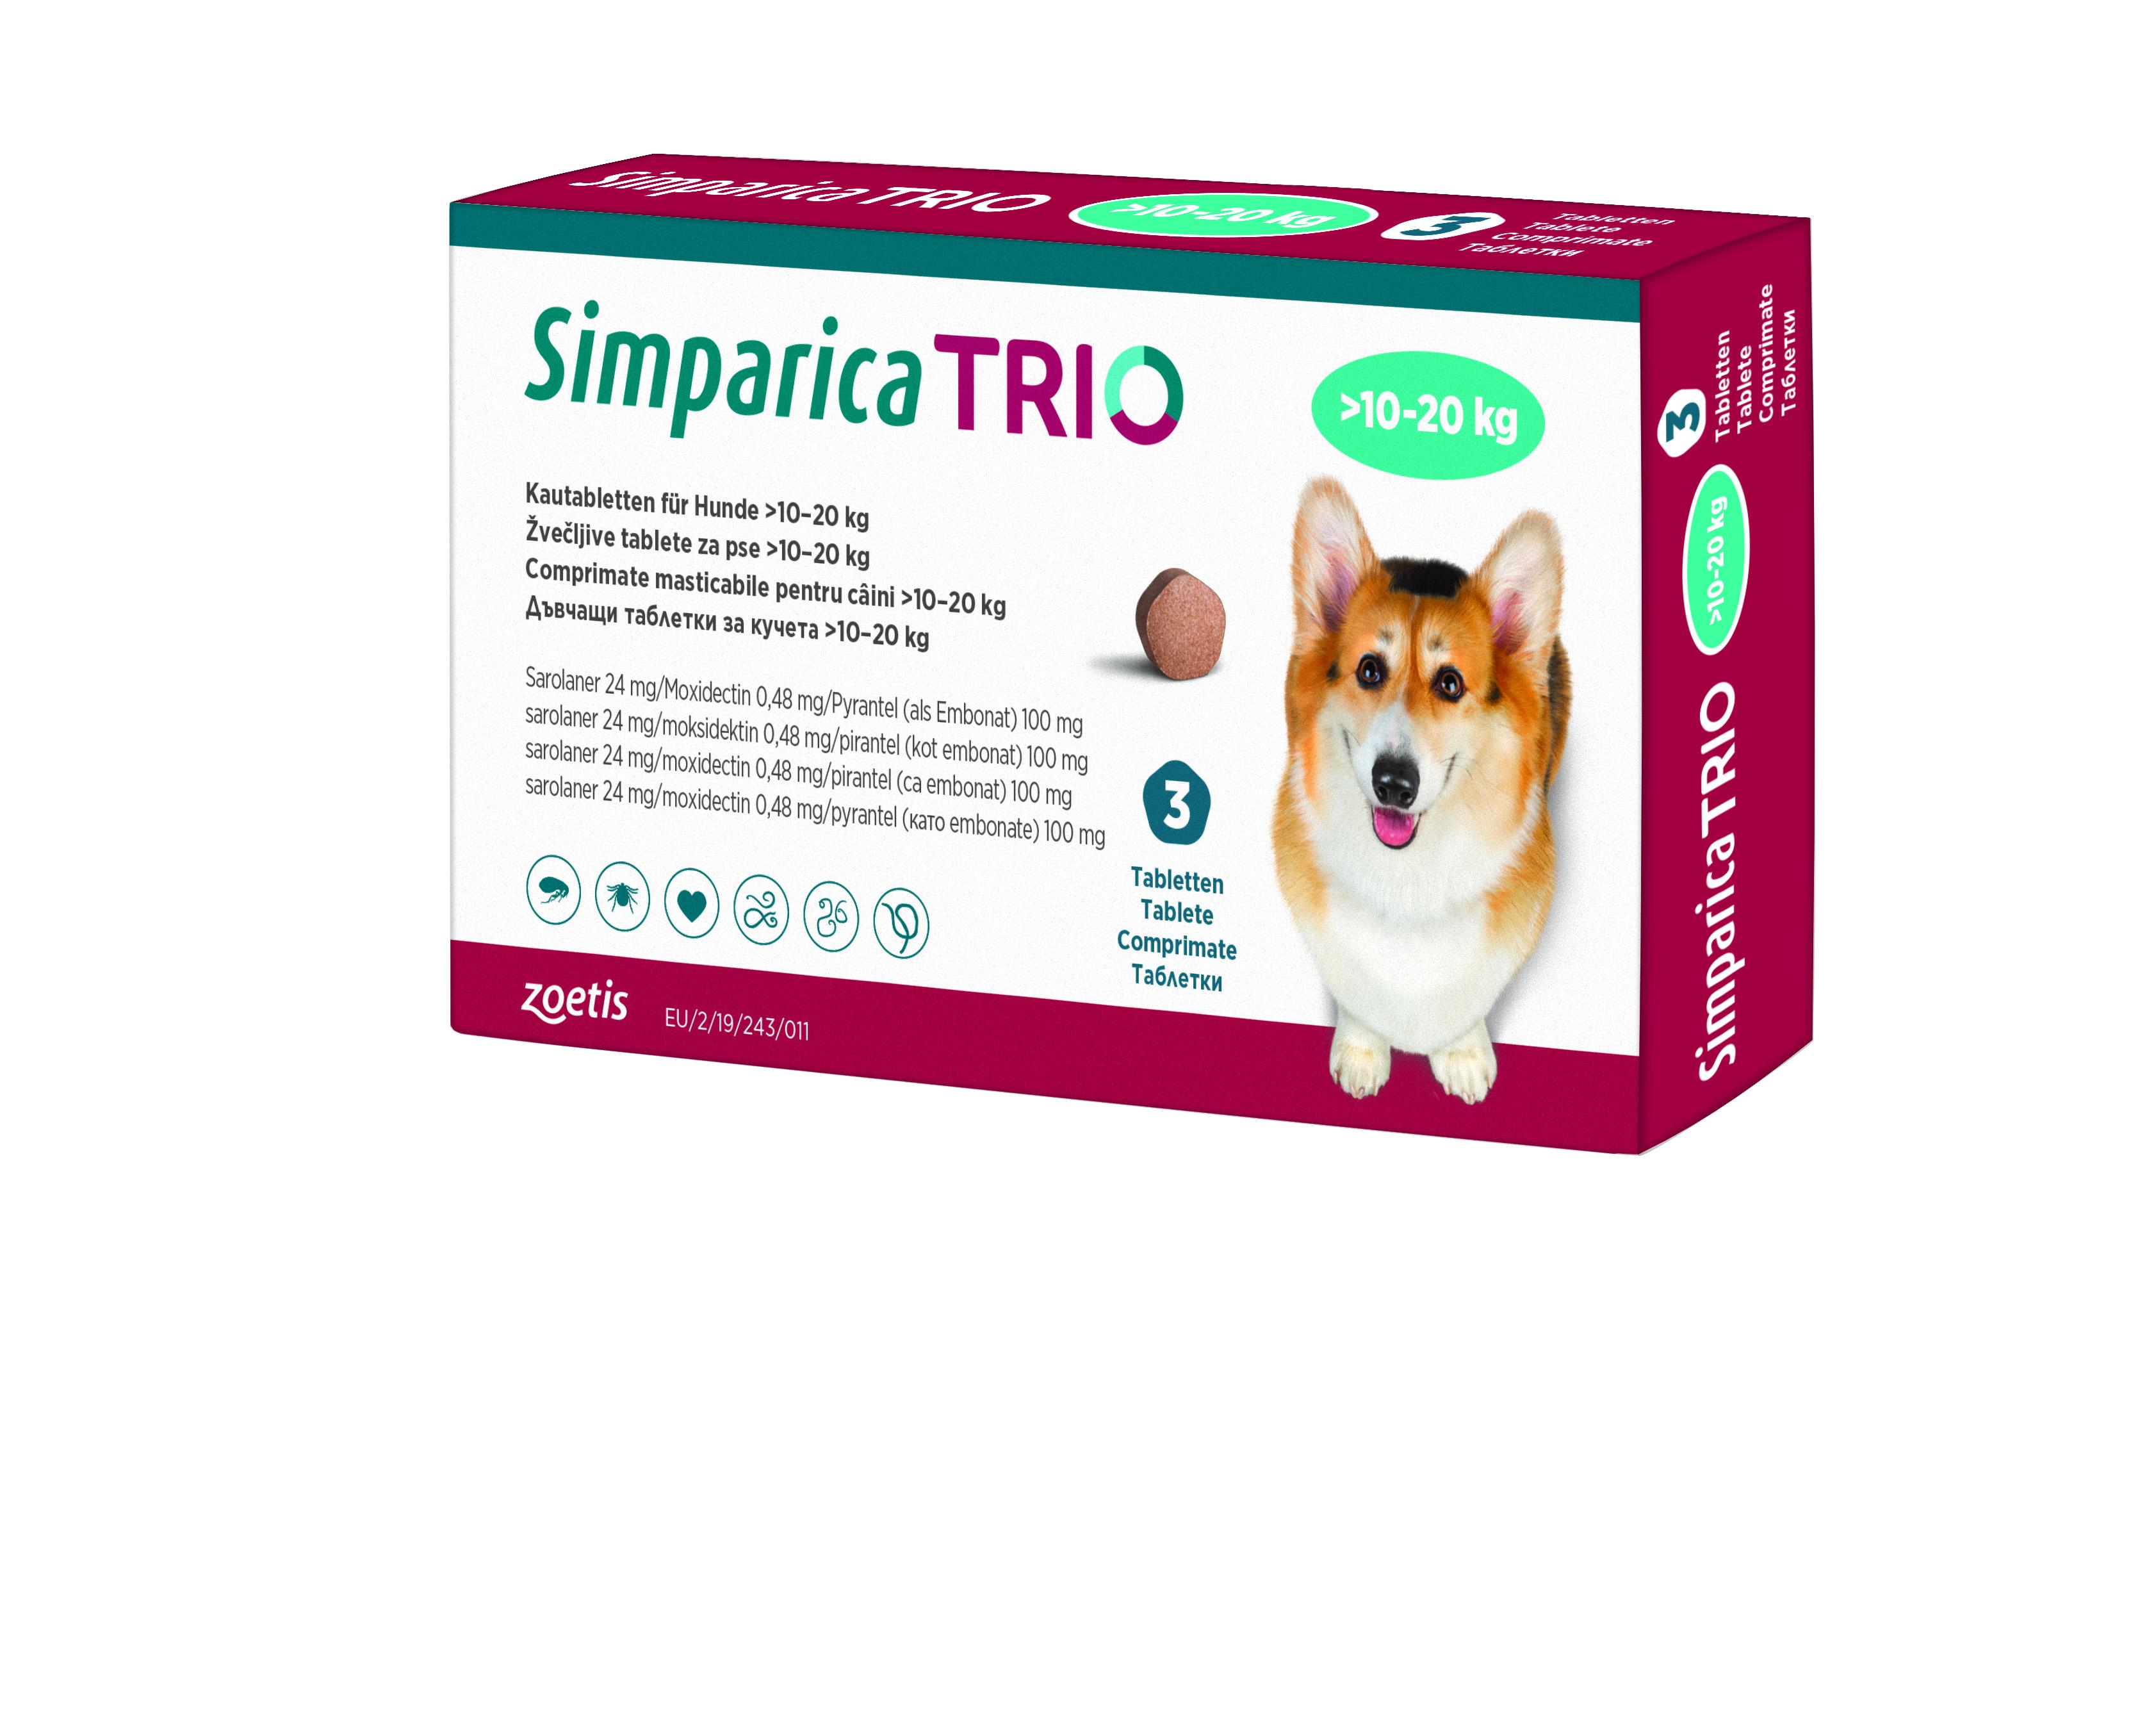 SIMPARICA TRIO 10-20 KG 3 COMP